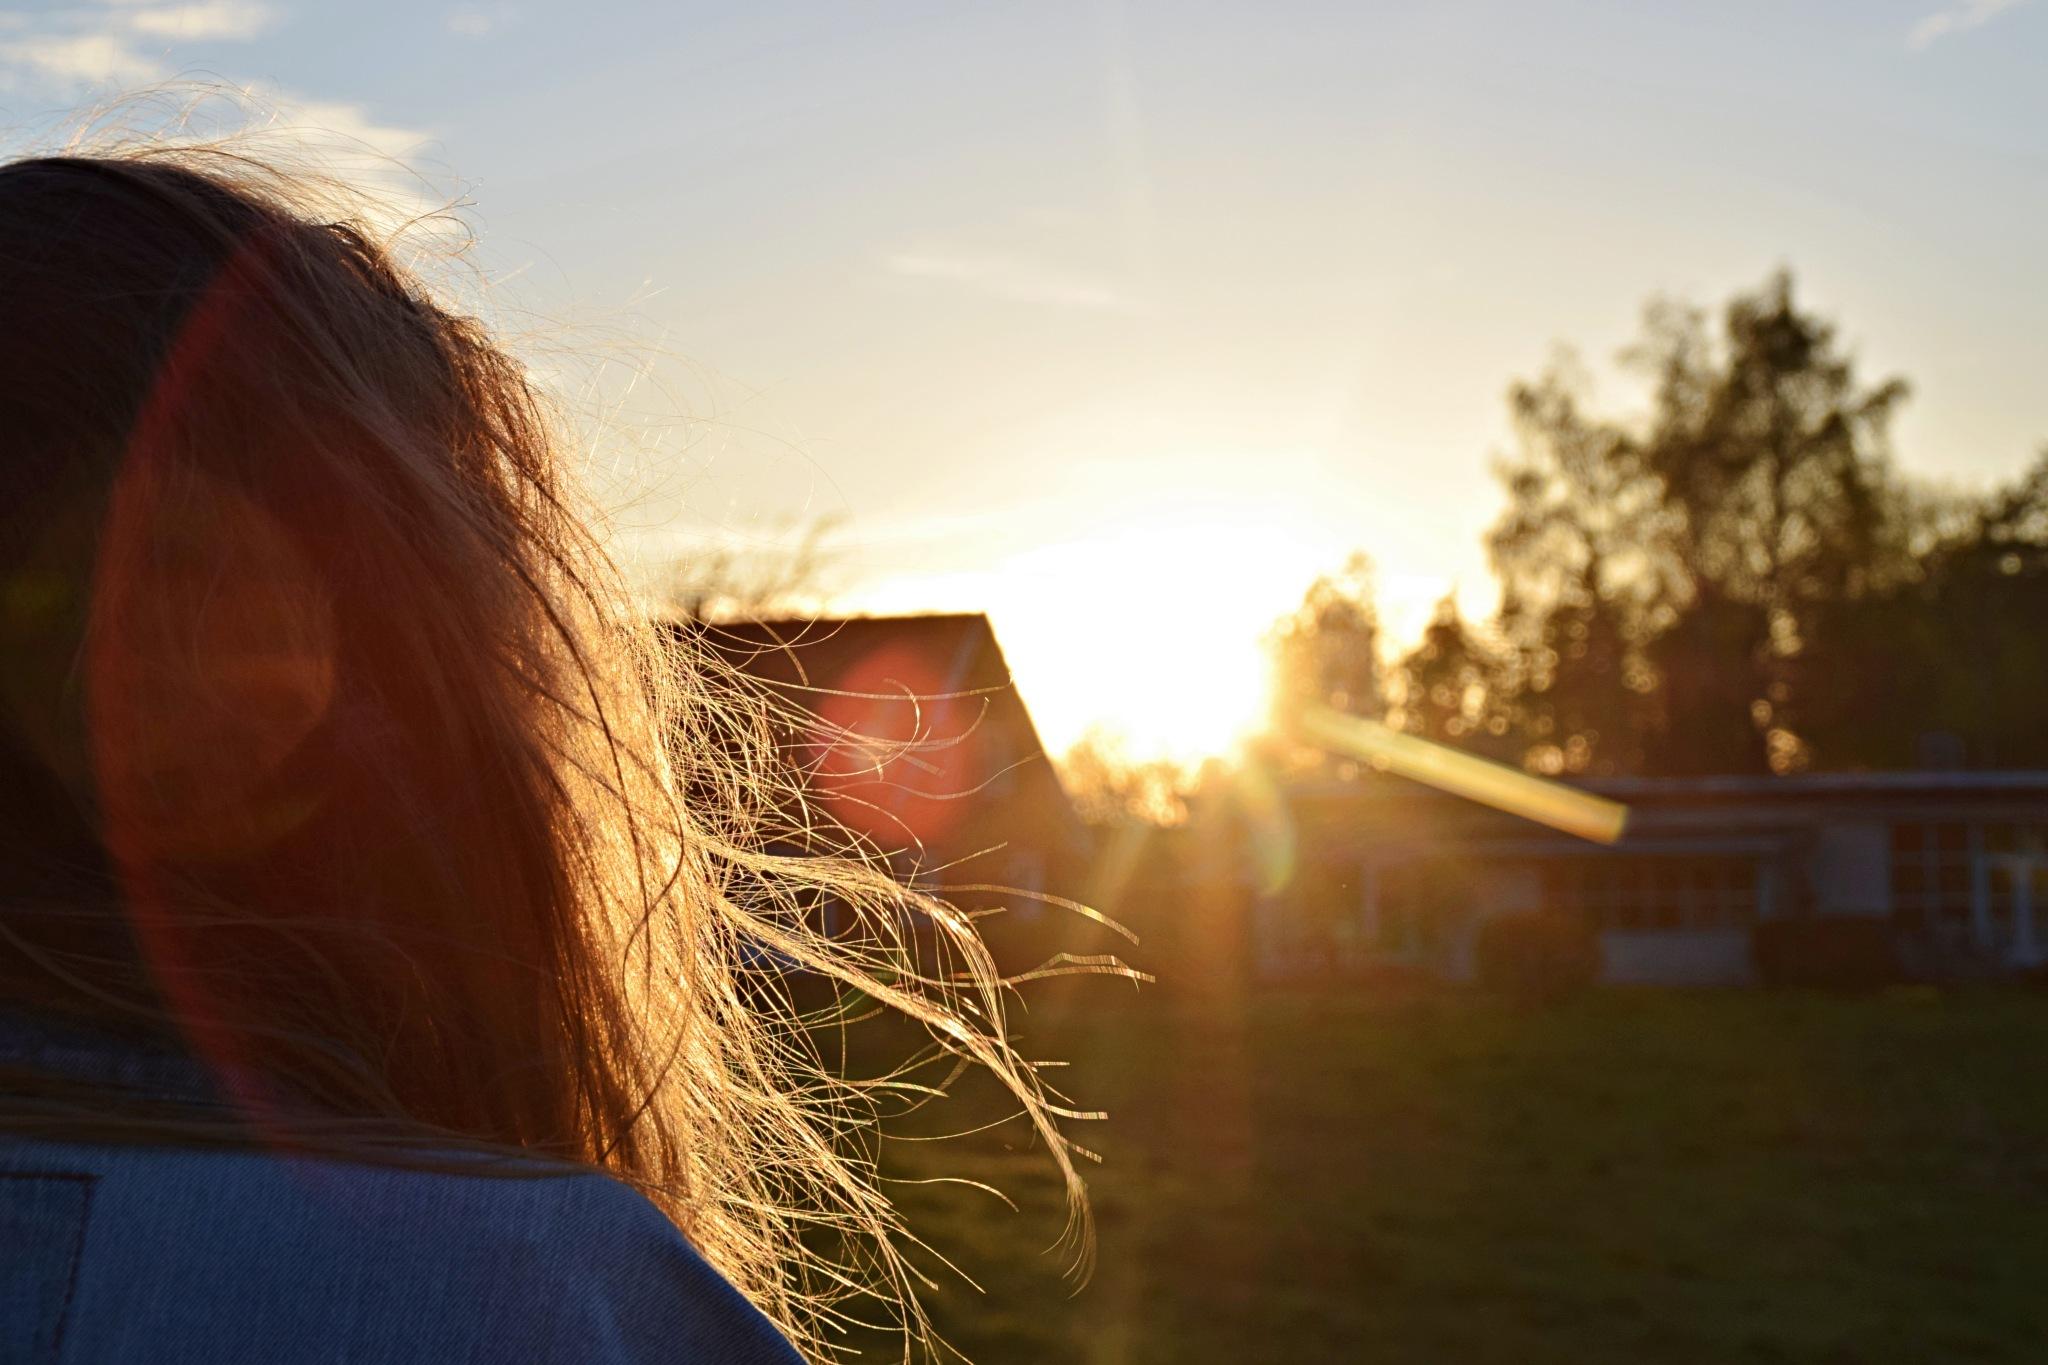 Sunset #2 by Mille Vinkel Simonsen